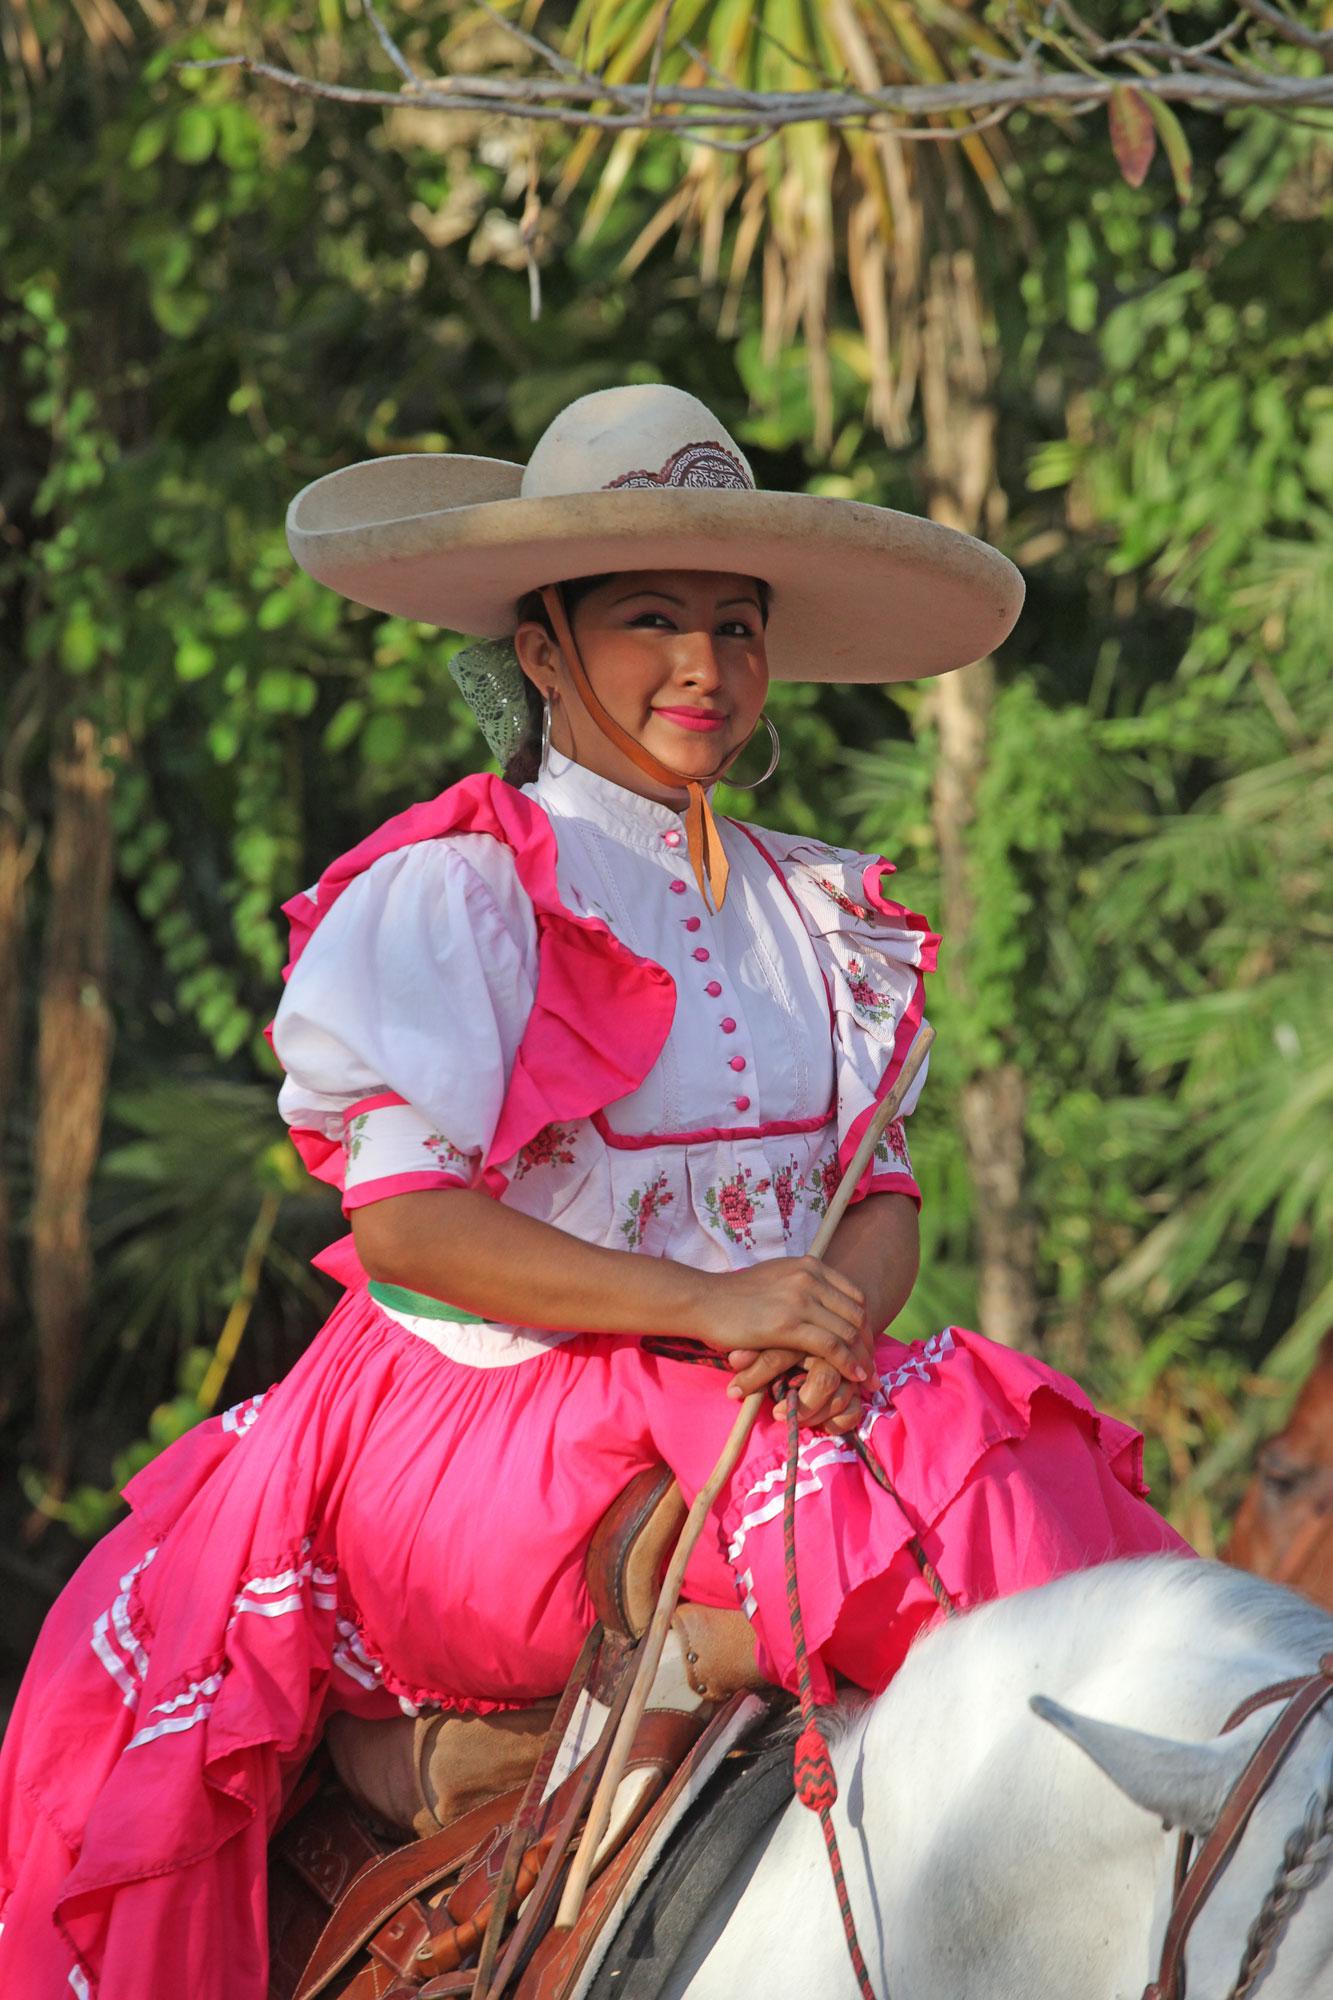 фото жирные мексиканки напитка яркий